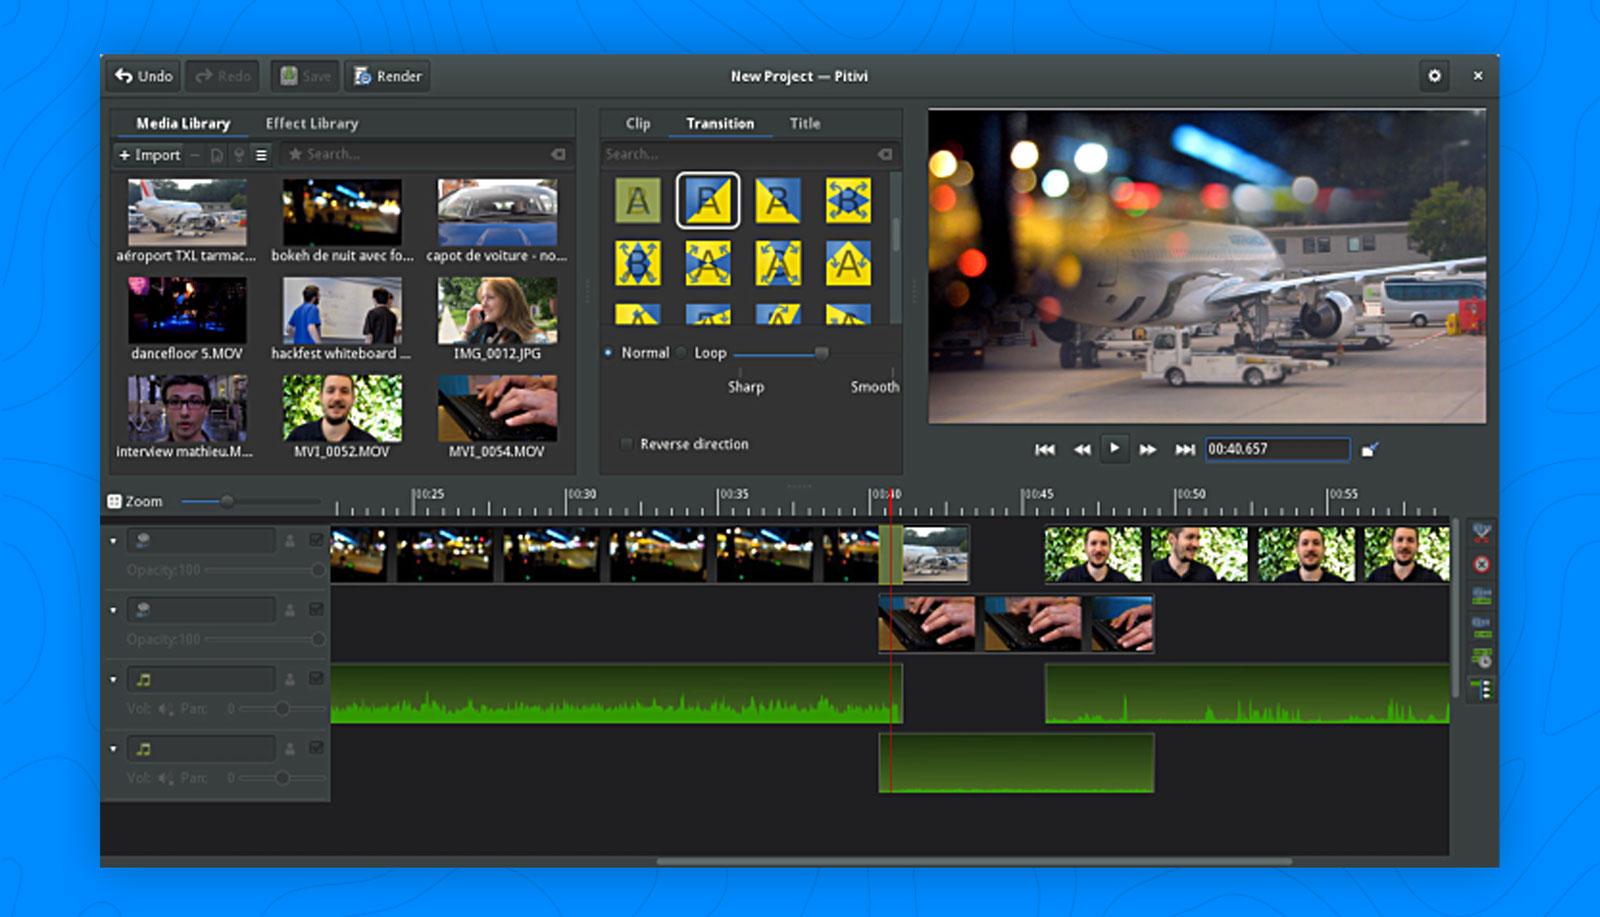 Pitivi Video Editor Gets a Blockbuster Update